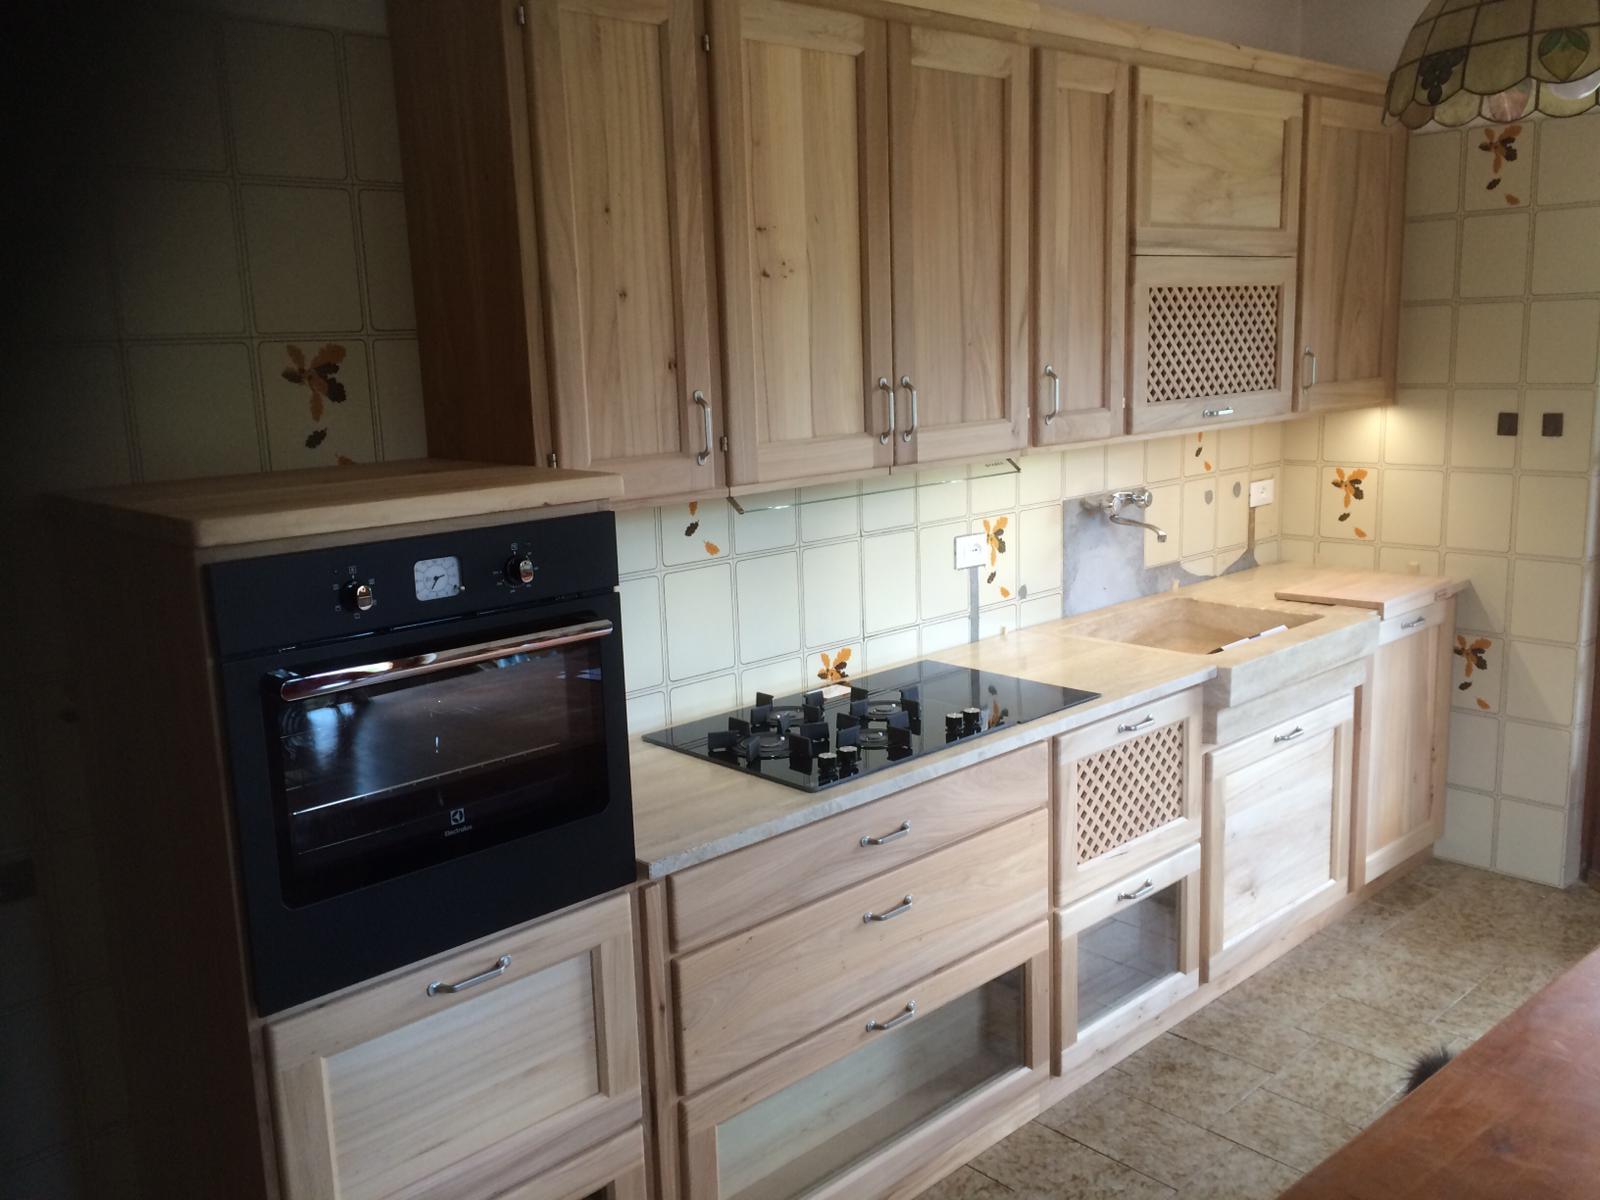 Cucina in legno di olmo naturale.